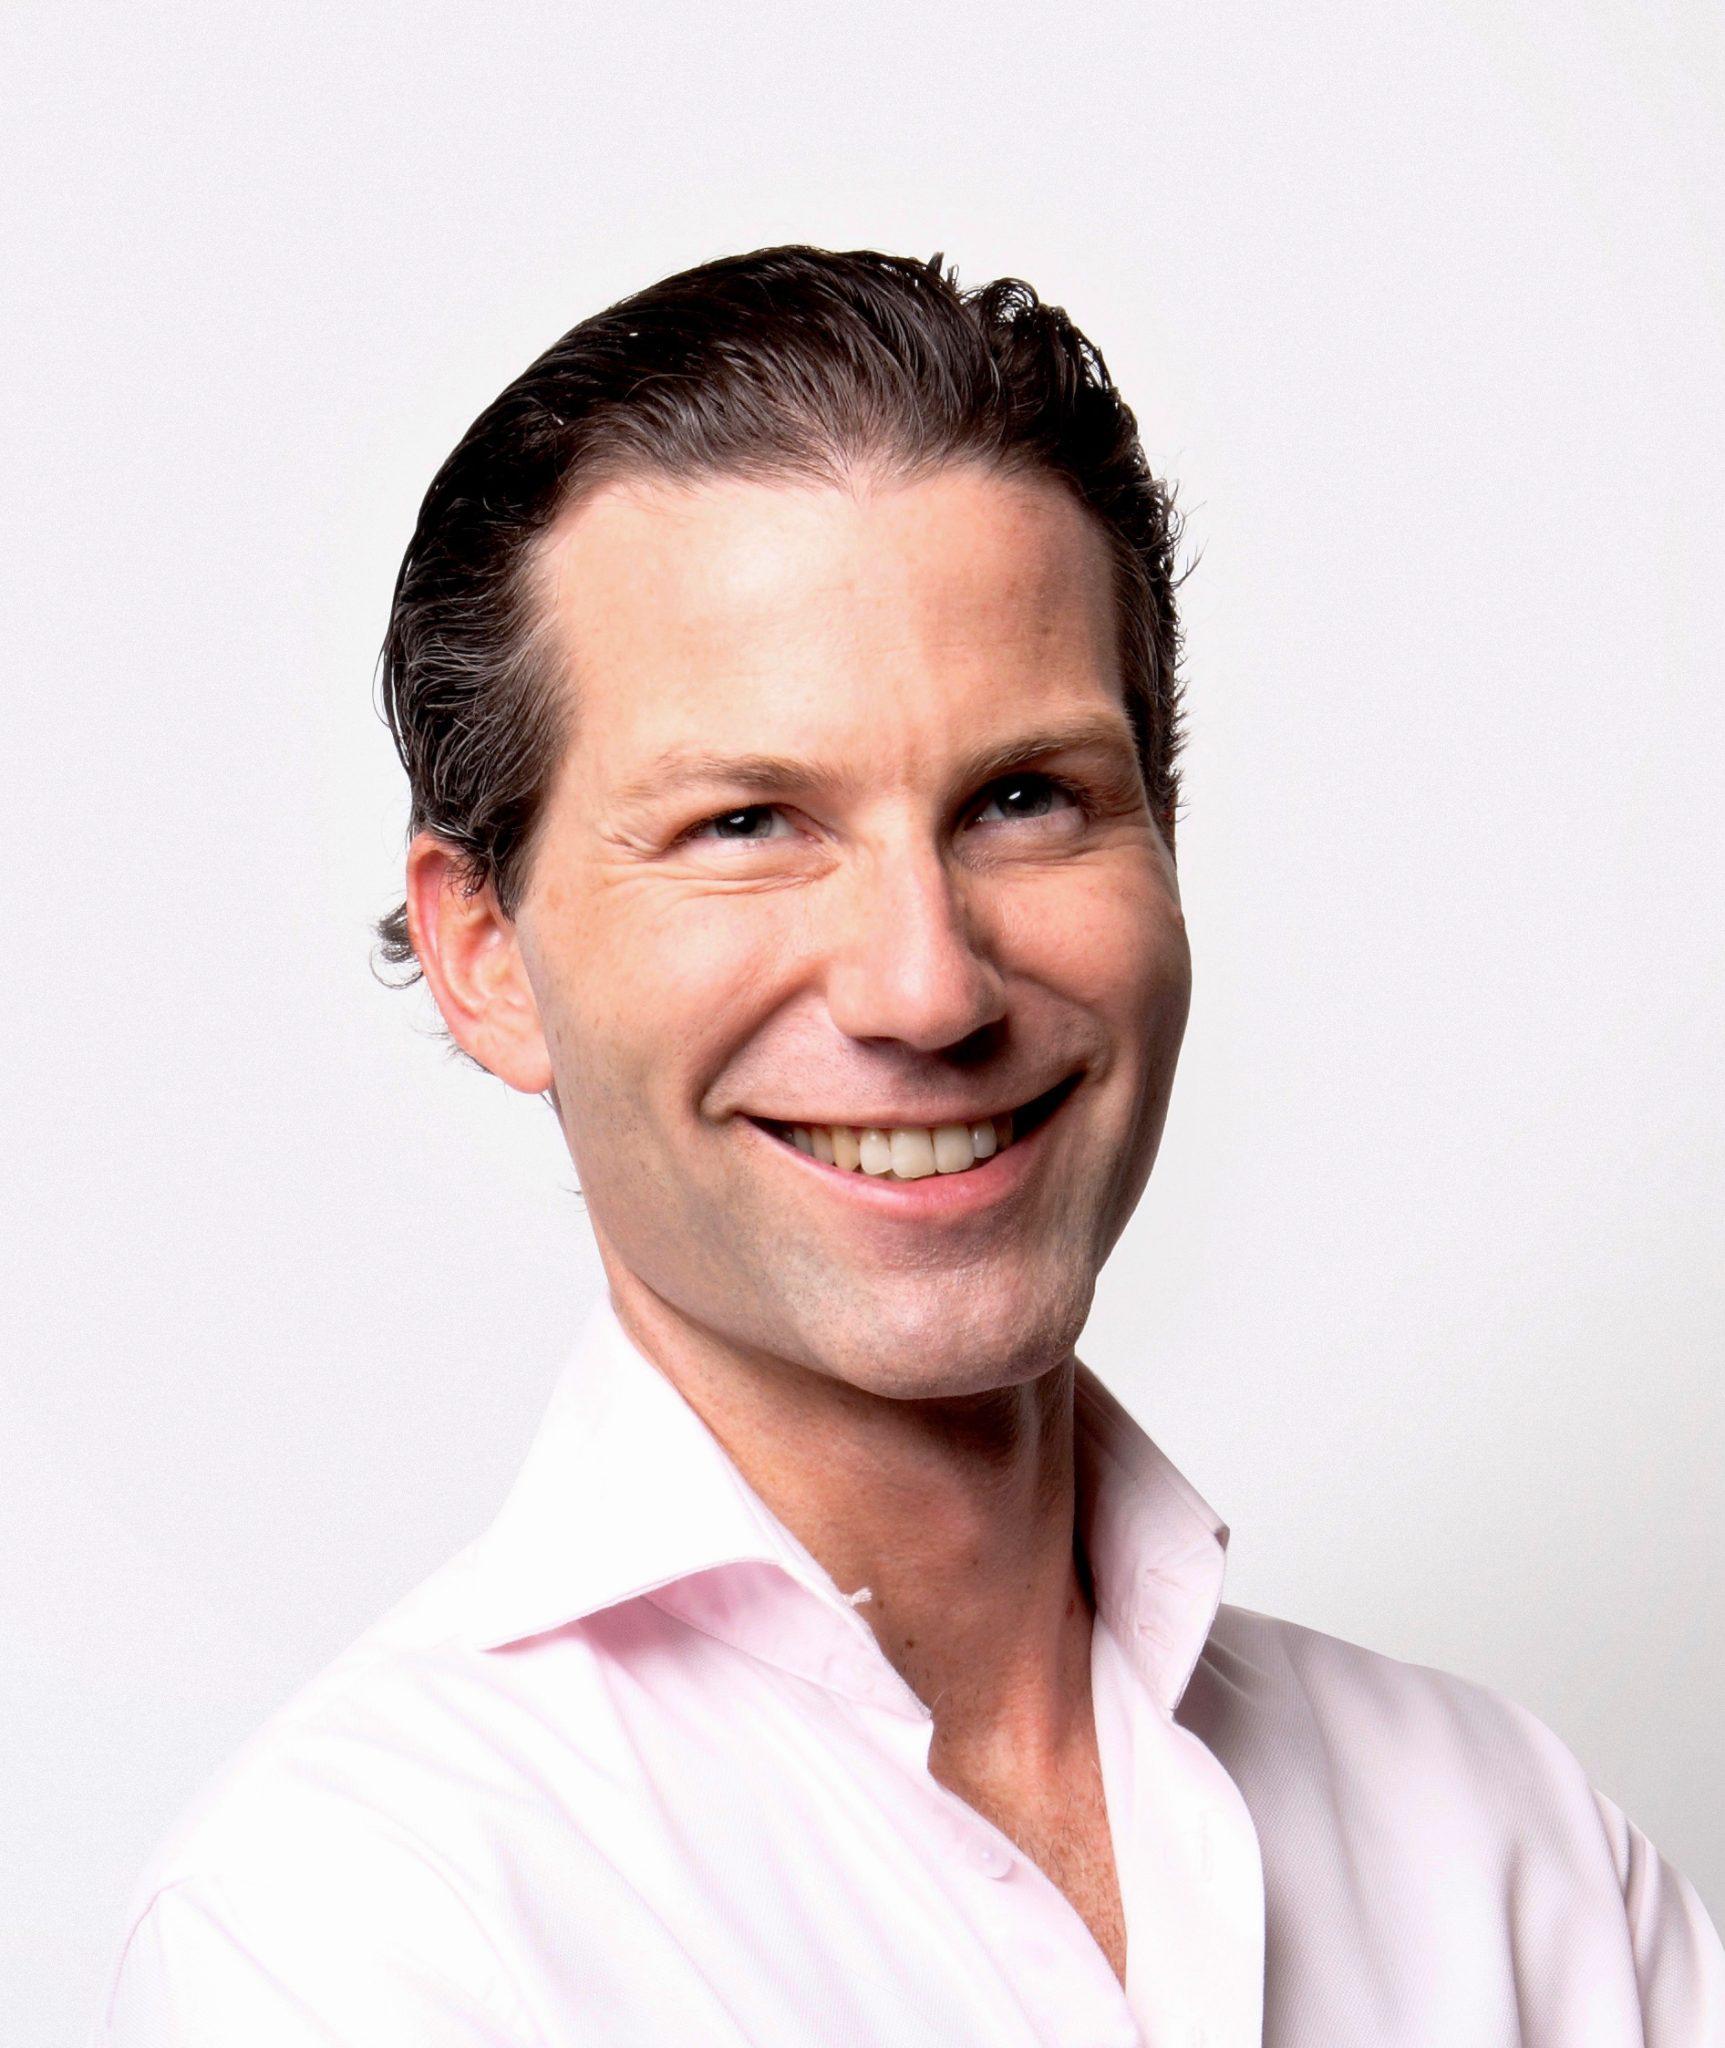 PD Dr. Markus Margreiter